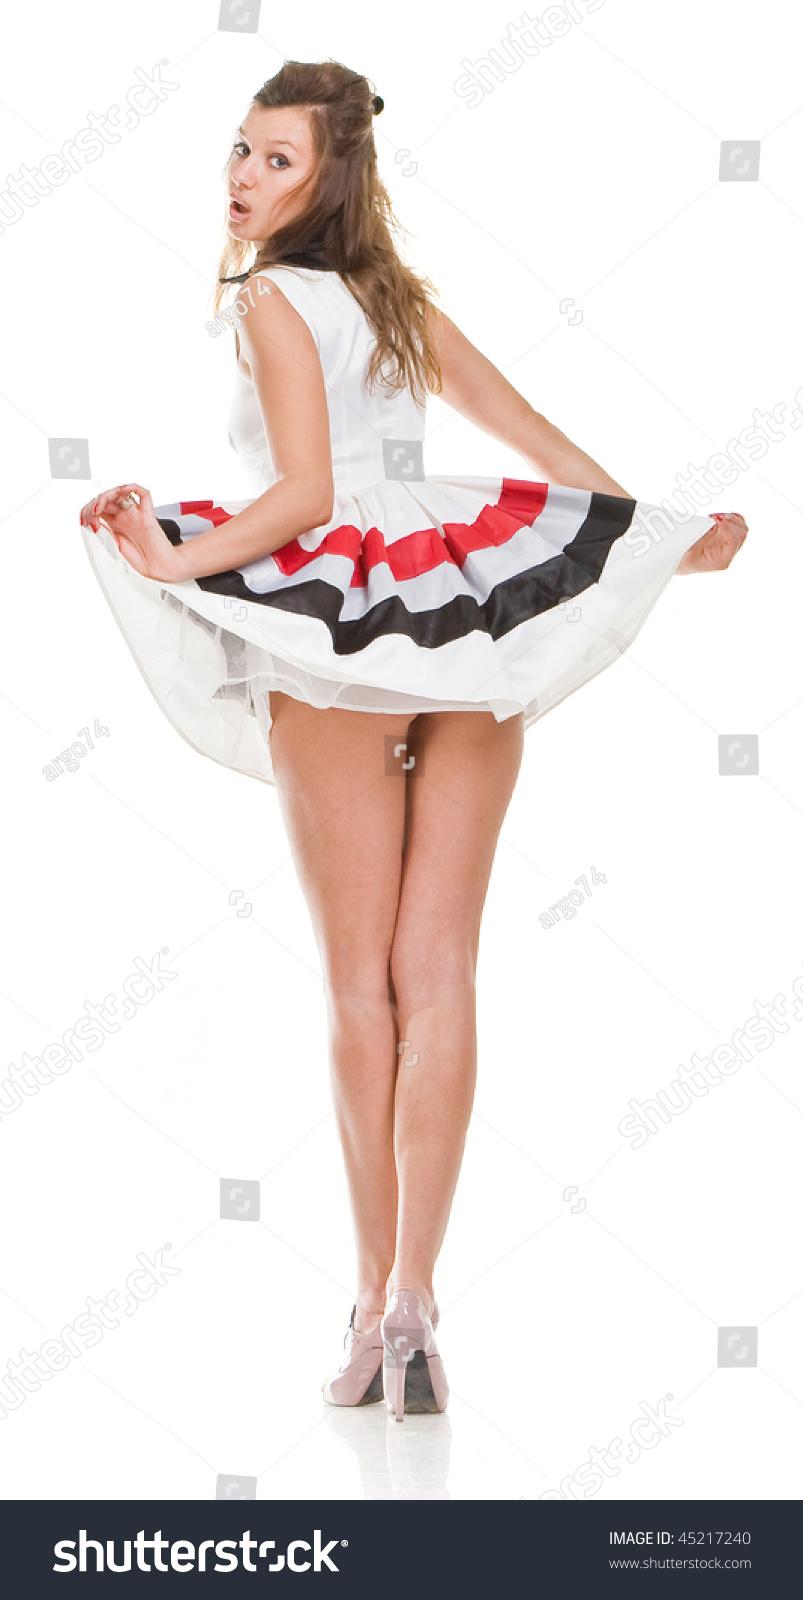 Sexy short dress pics